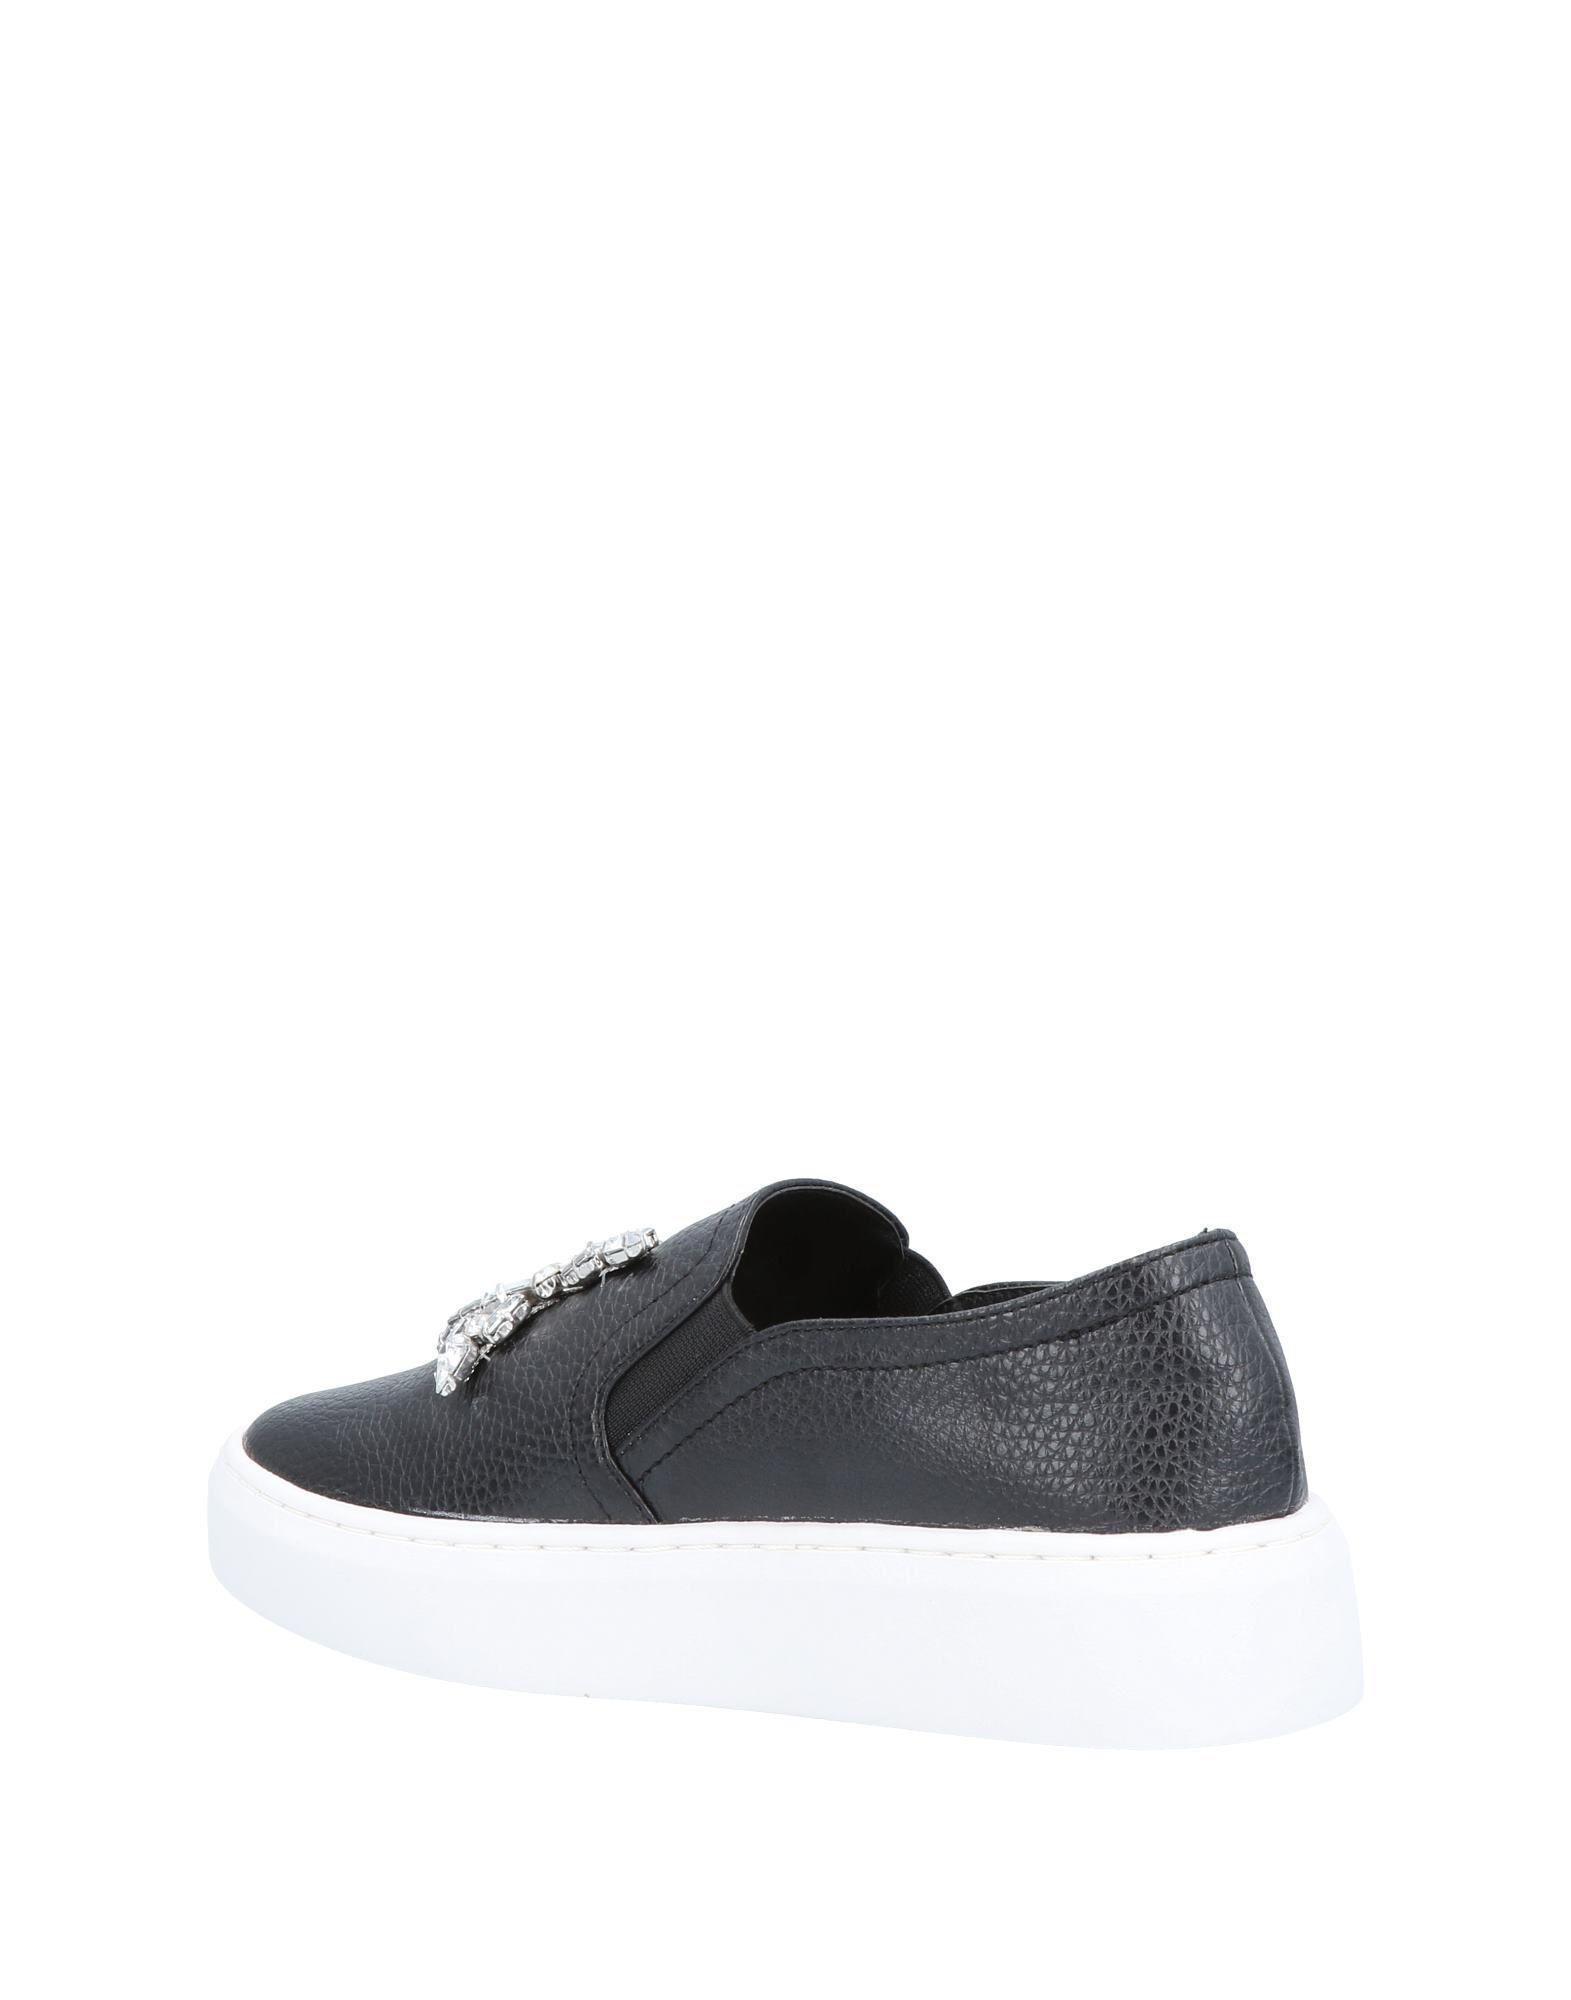 FOOTWEAR - Low-tops & sneakers Relish QkSAsnOi1B